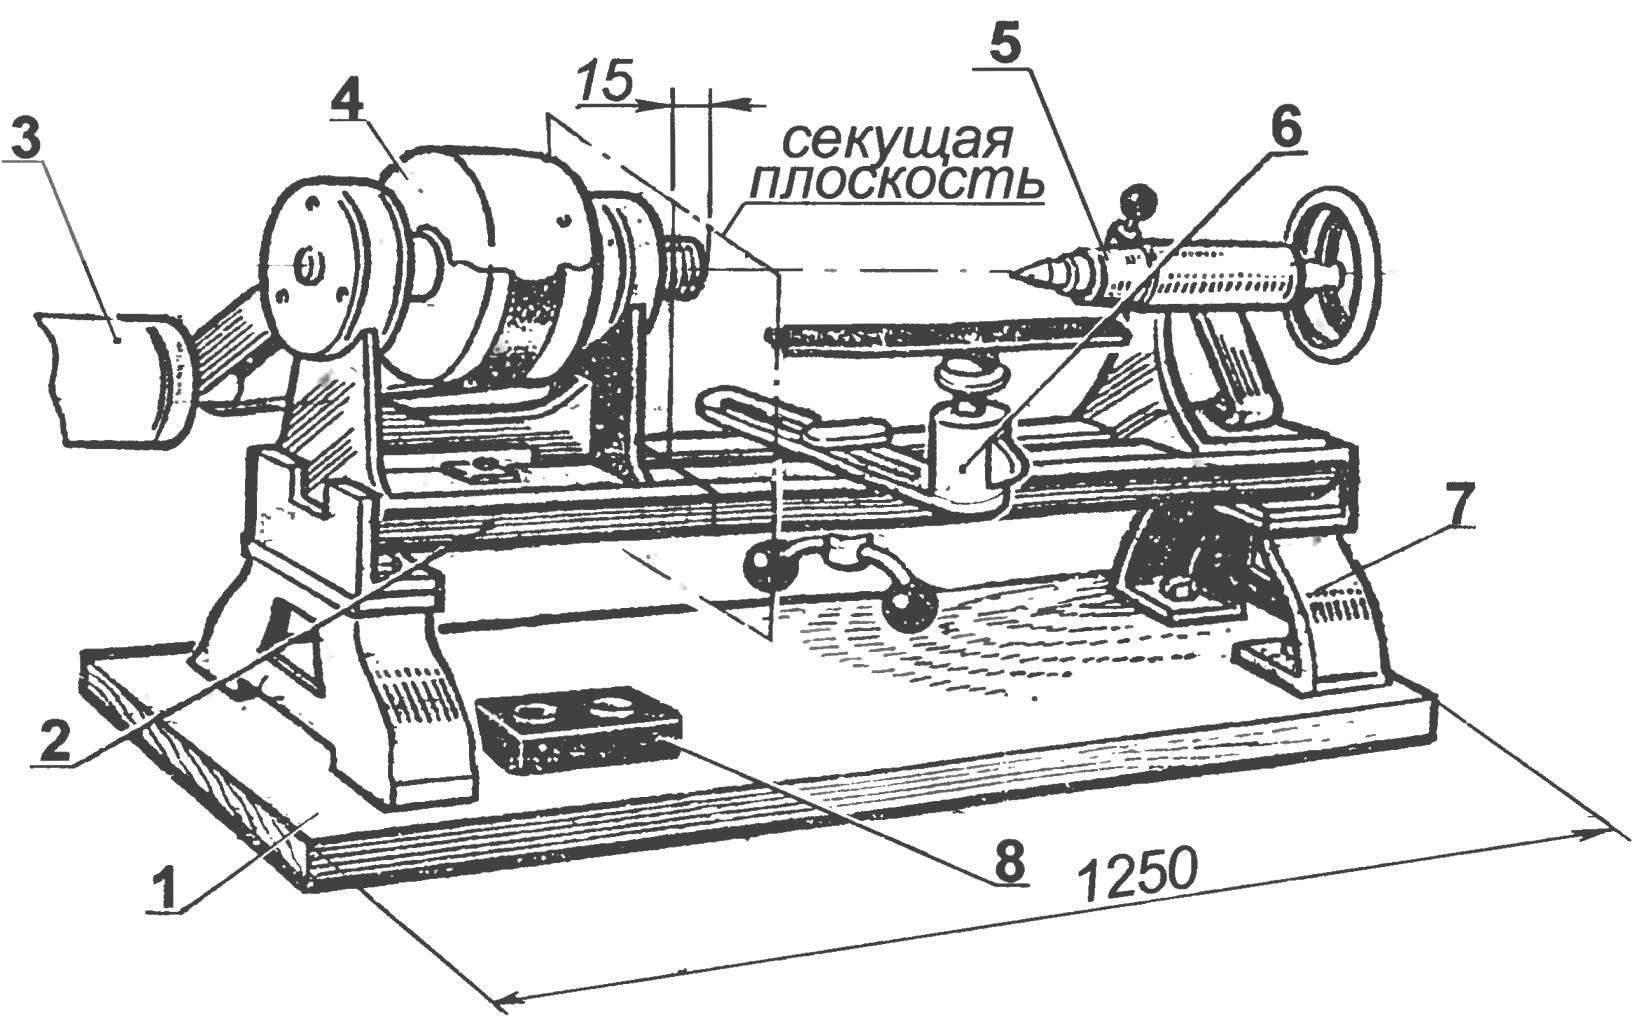 Токарный станок по дереву своими руками: как его сделать самостоятельно в домашних условиях, чертежи с размерами, фото, видео